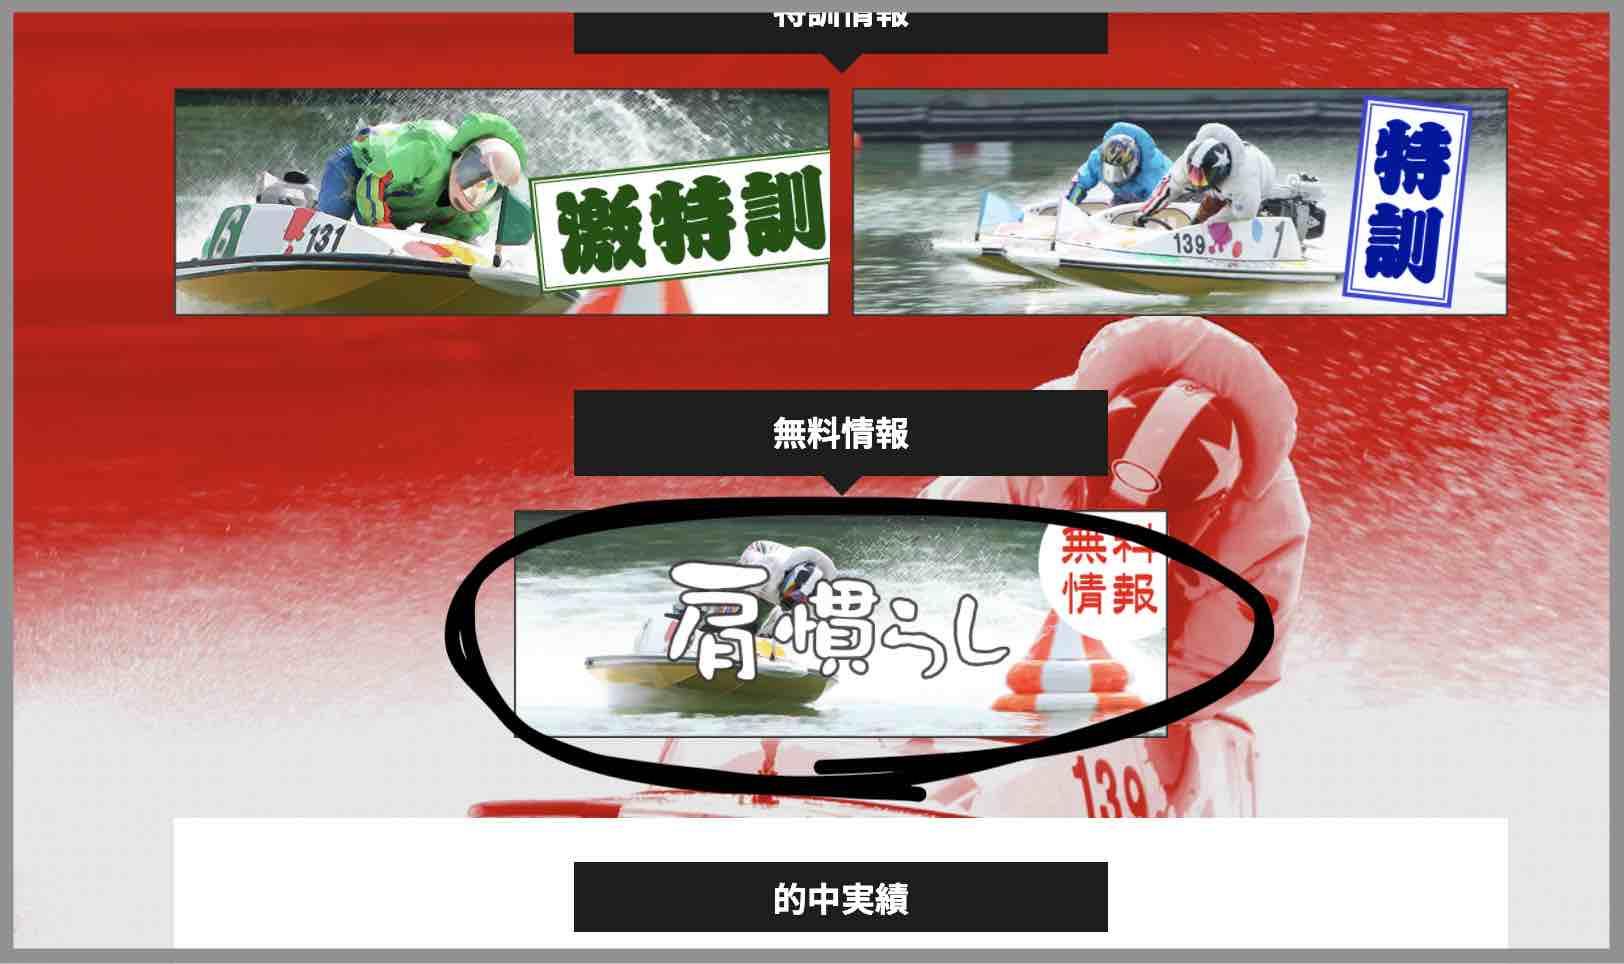 船の時代(舟の時代)という競艇予想サイト(ボートレース予想サイト)の無料予想(無料情報)を確認する